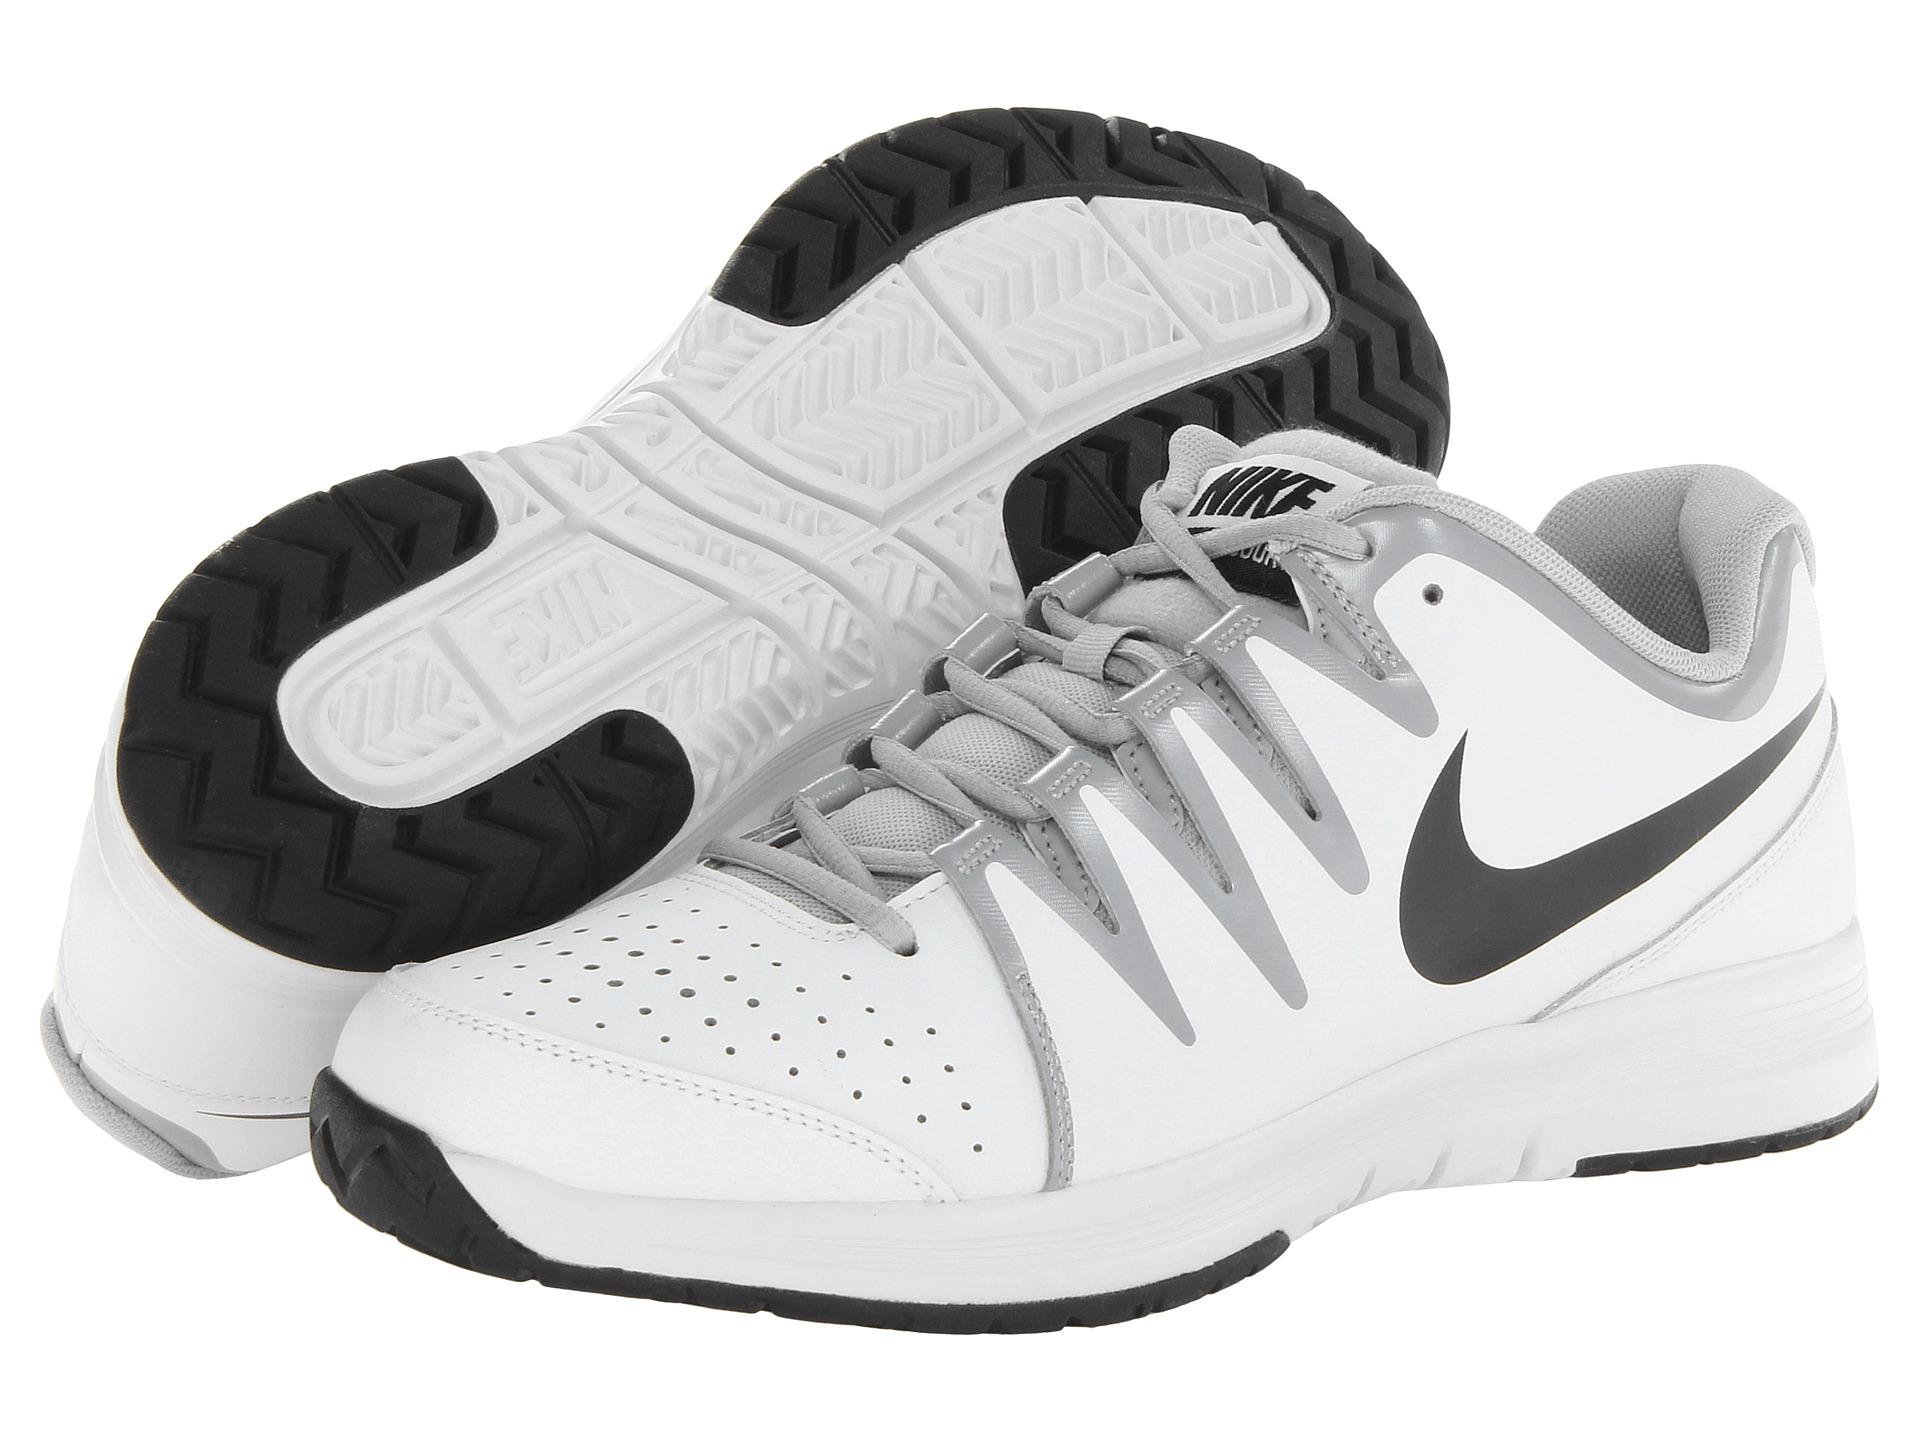 189cedc37 Nike Women S Vapor Court Tennis Shoes Review - Style Guru  Fashion ...